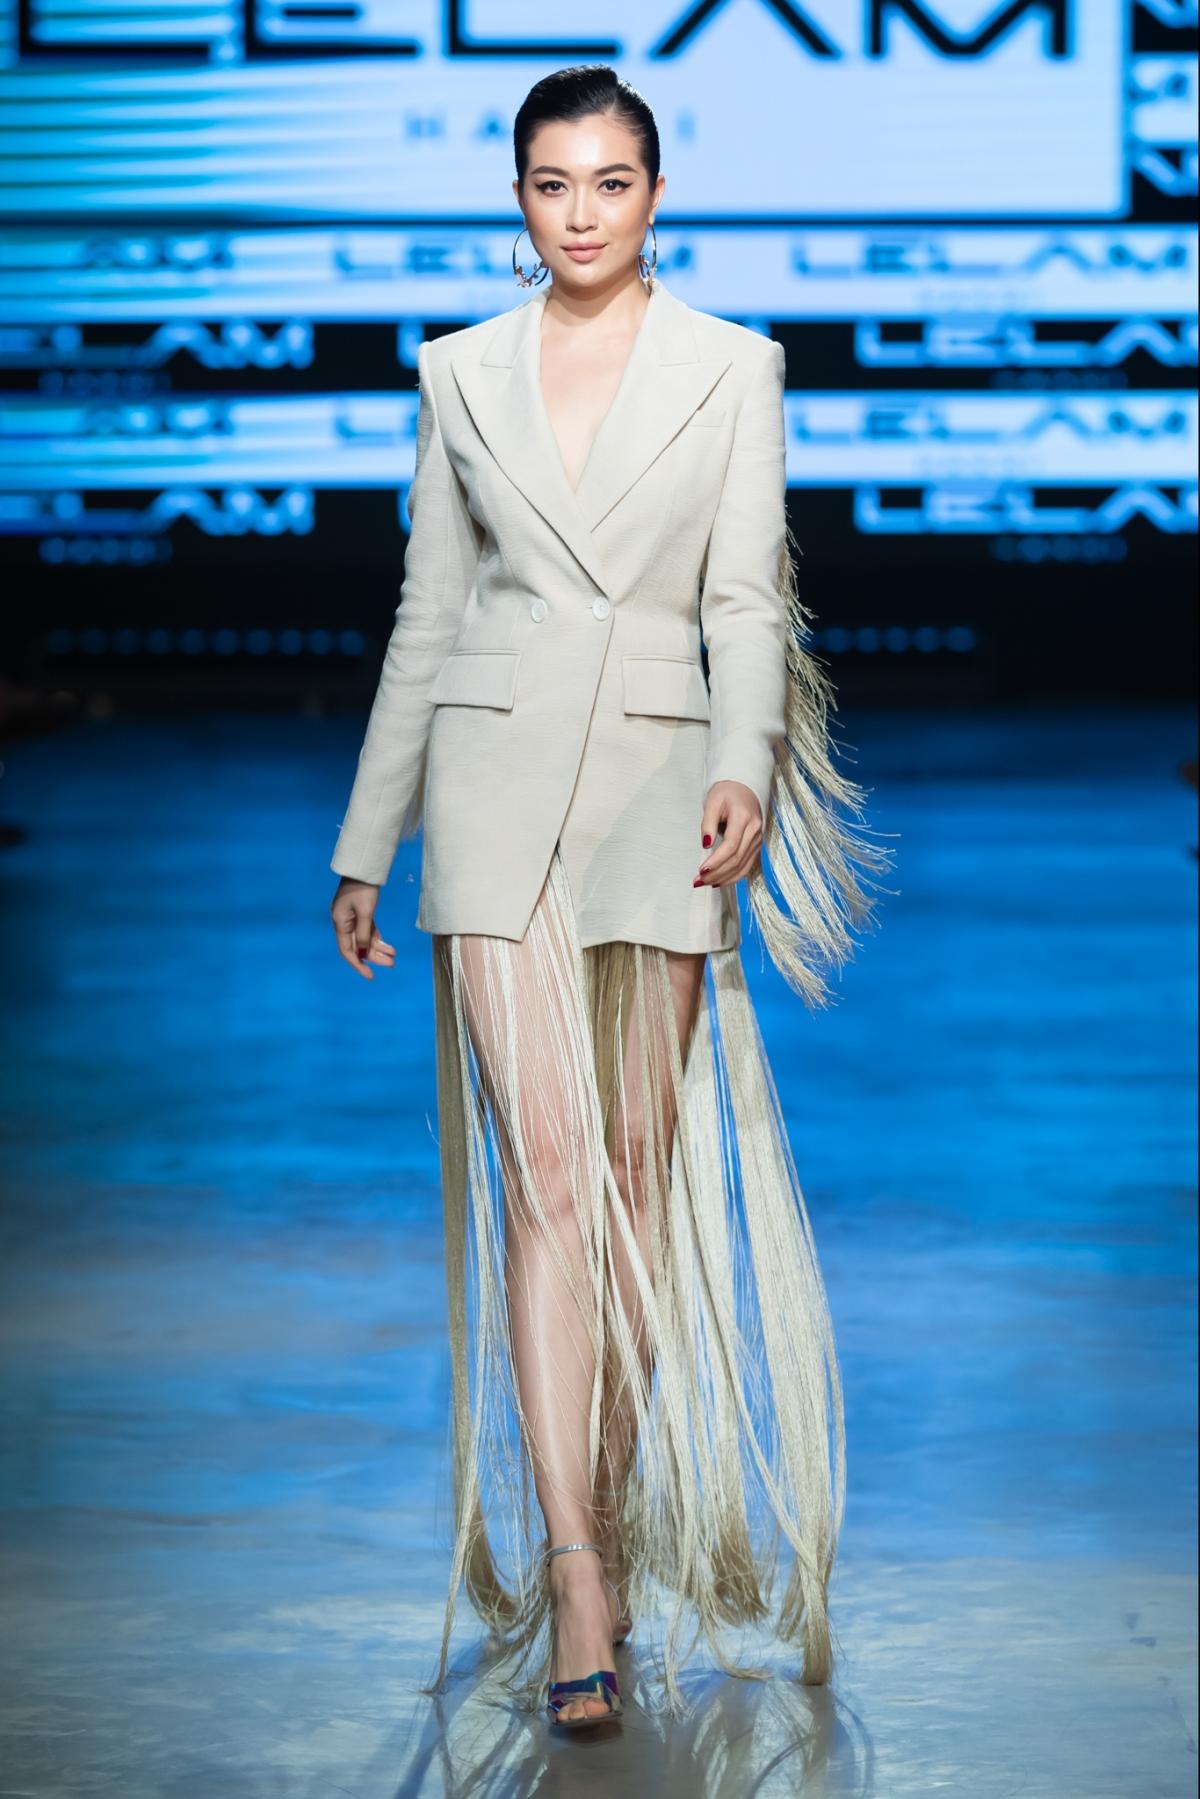 """Á hậu Lệ Hằng xuất hiện kết show trong một thiết kế vest phối cùng chân váy tua rua với ý nghĩa rằng nàng """"Phố Đêm"""" đến lúc buông rèm."""